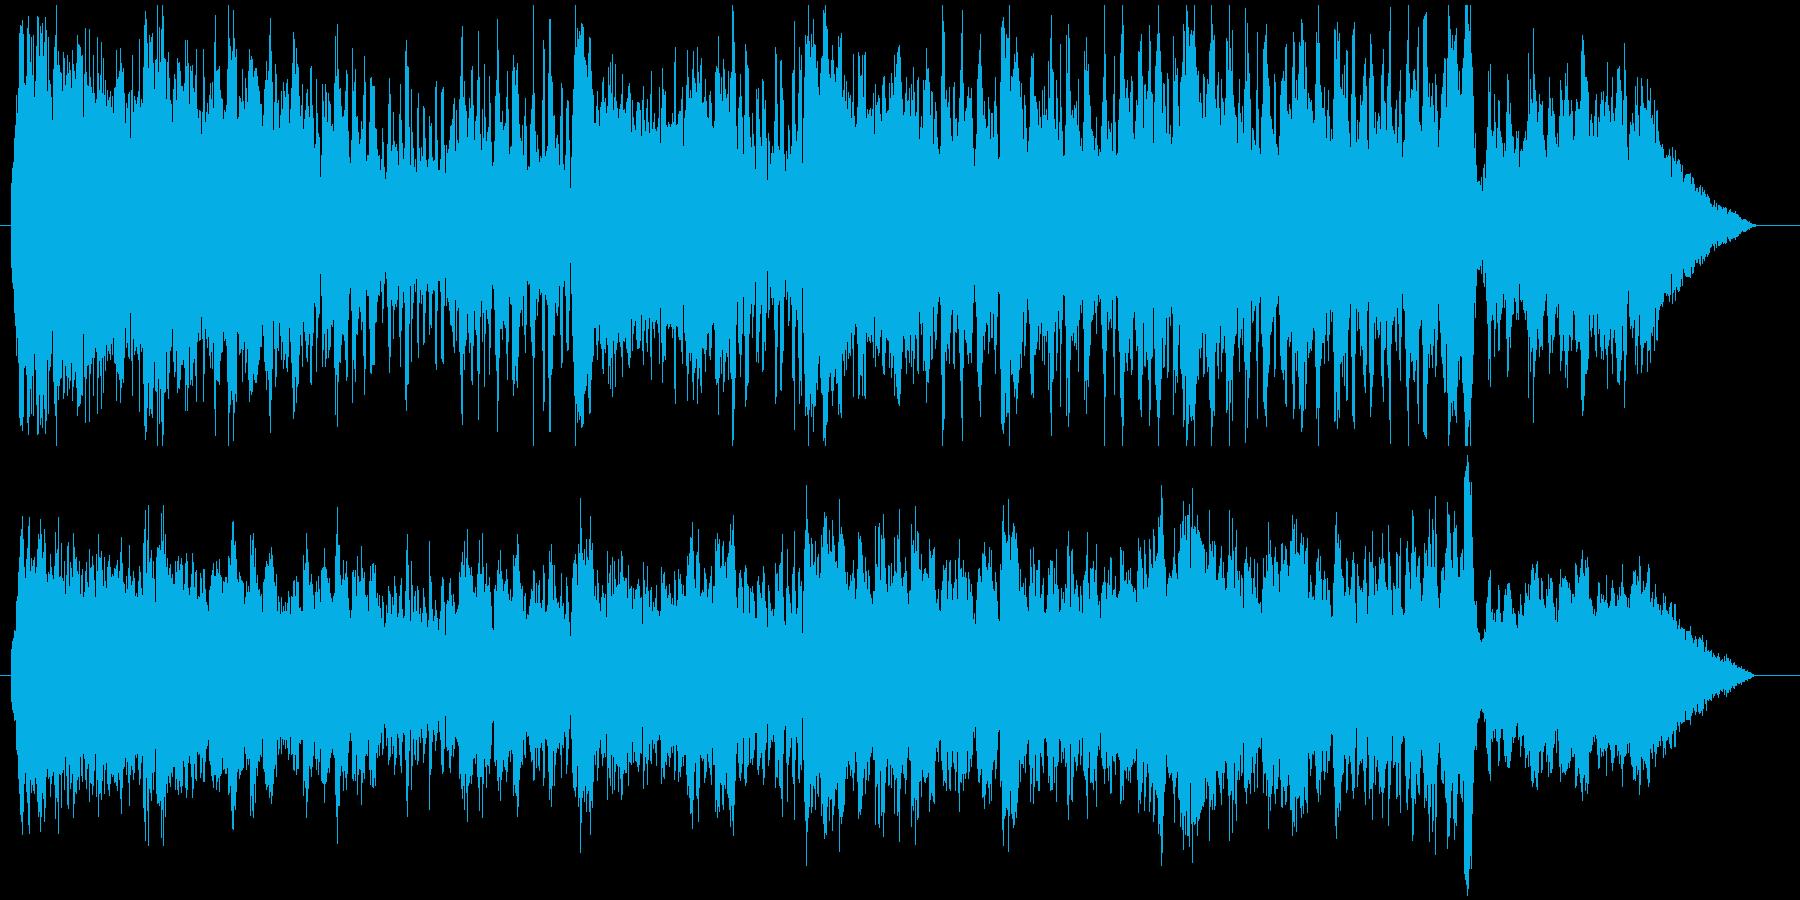 アルプス・ヨーロッパ風の華麗なワルツの再生済みの波形